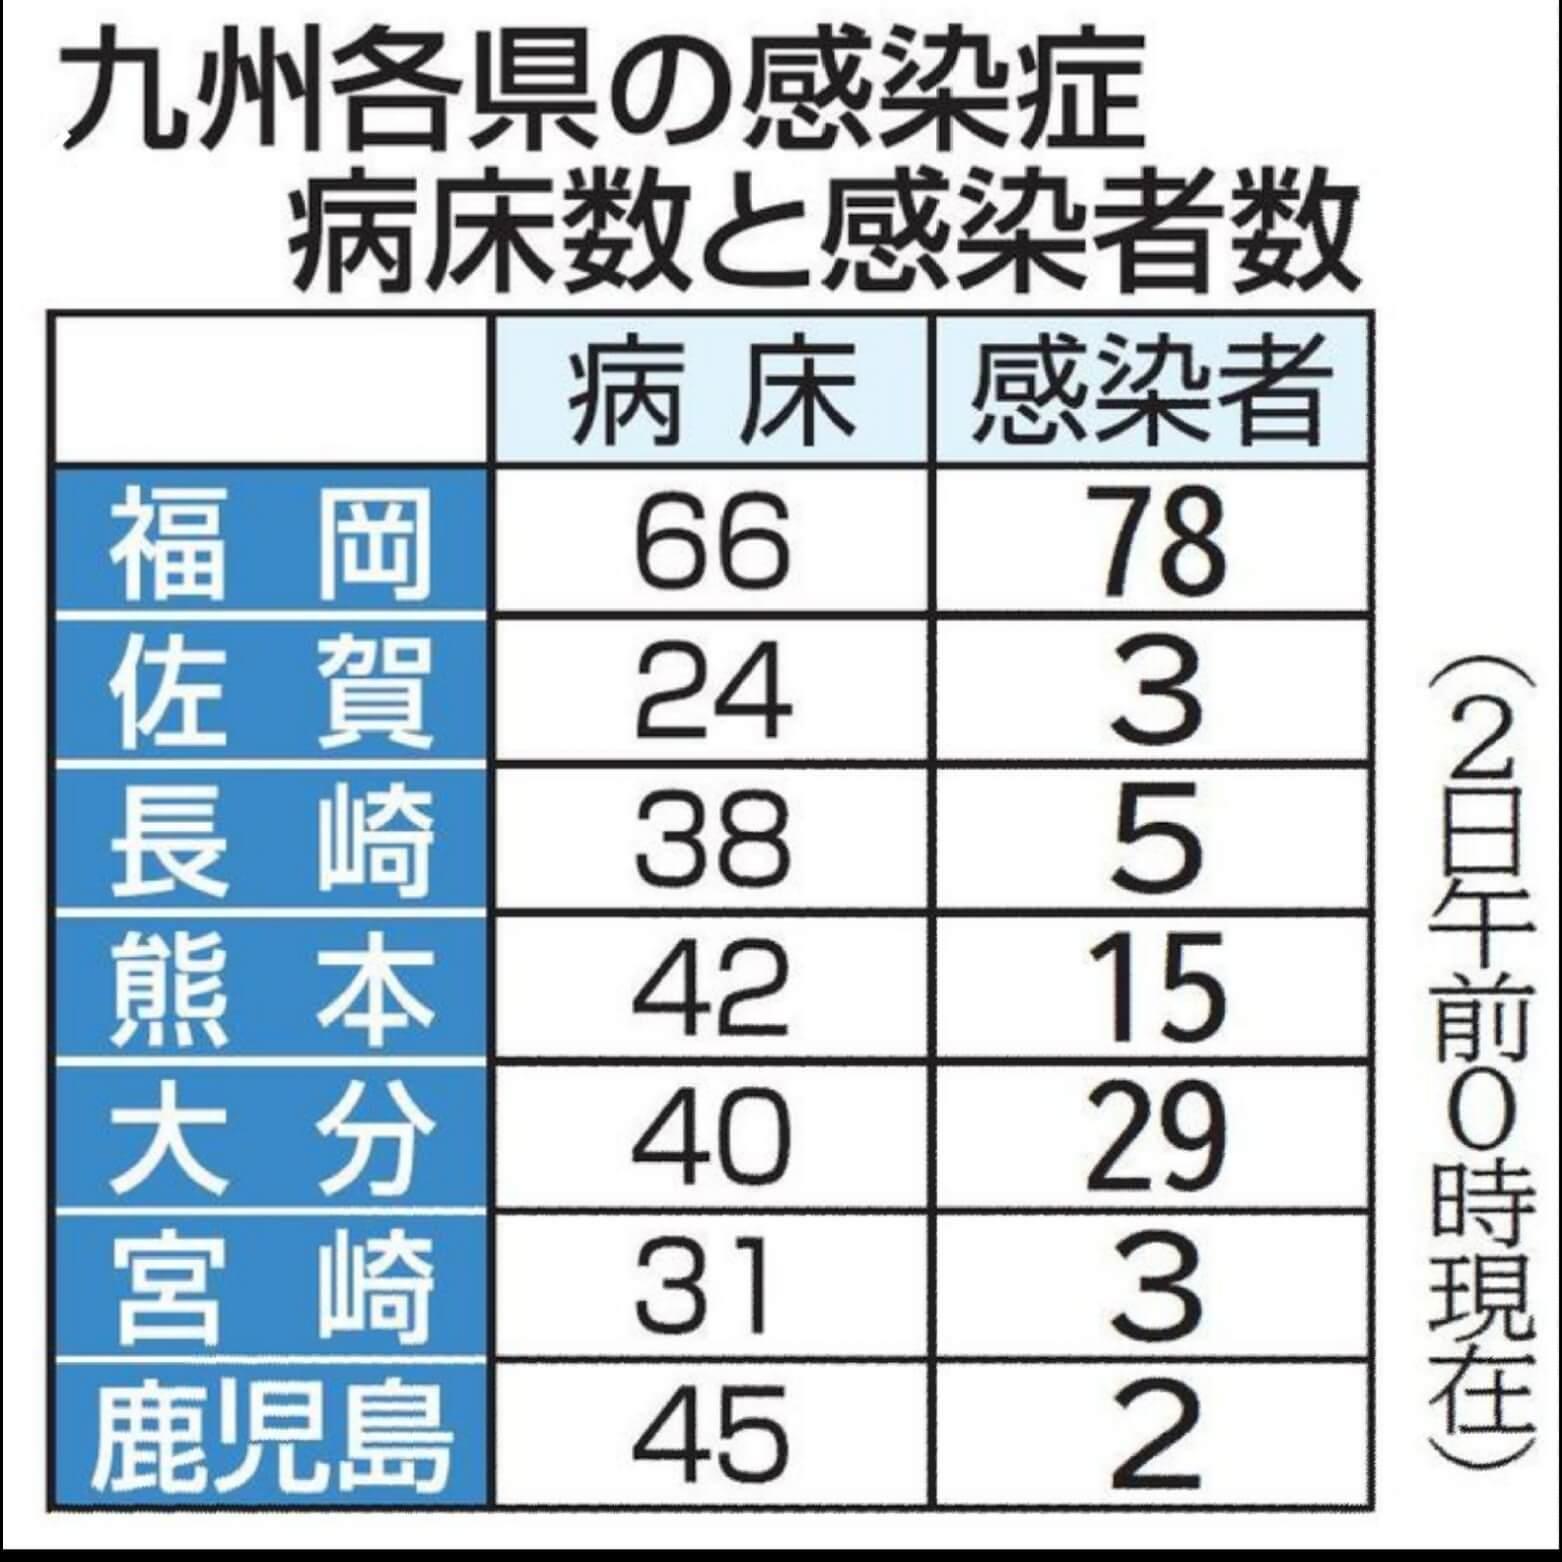 東京 都 自治体 別 コロナ 感染 者 数 新型コロナウイルス 日本国内の最新感染状況マップ・感染者数(7日0時時点)